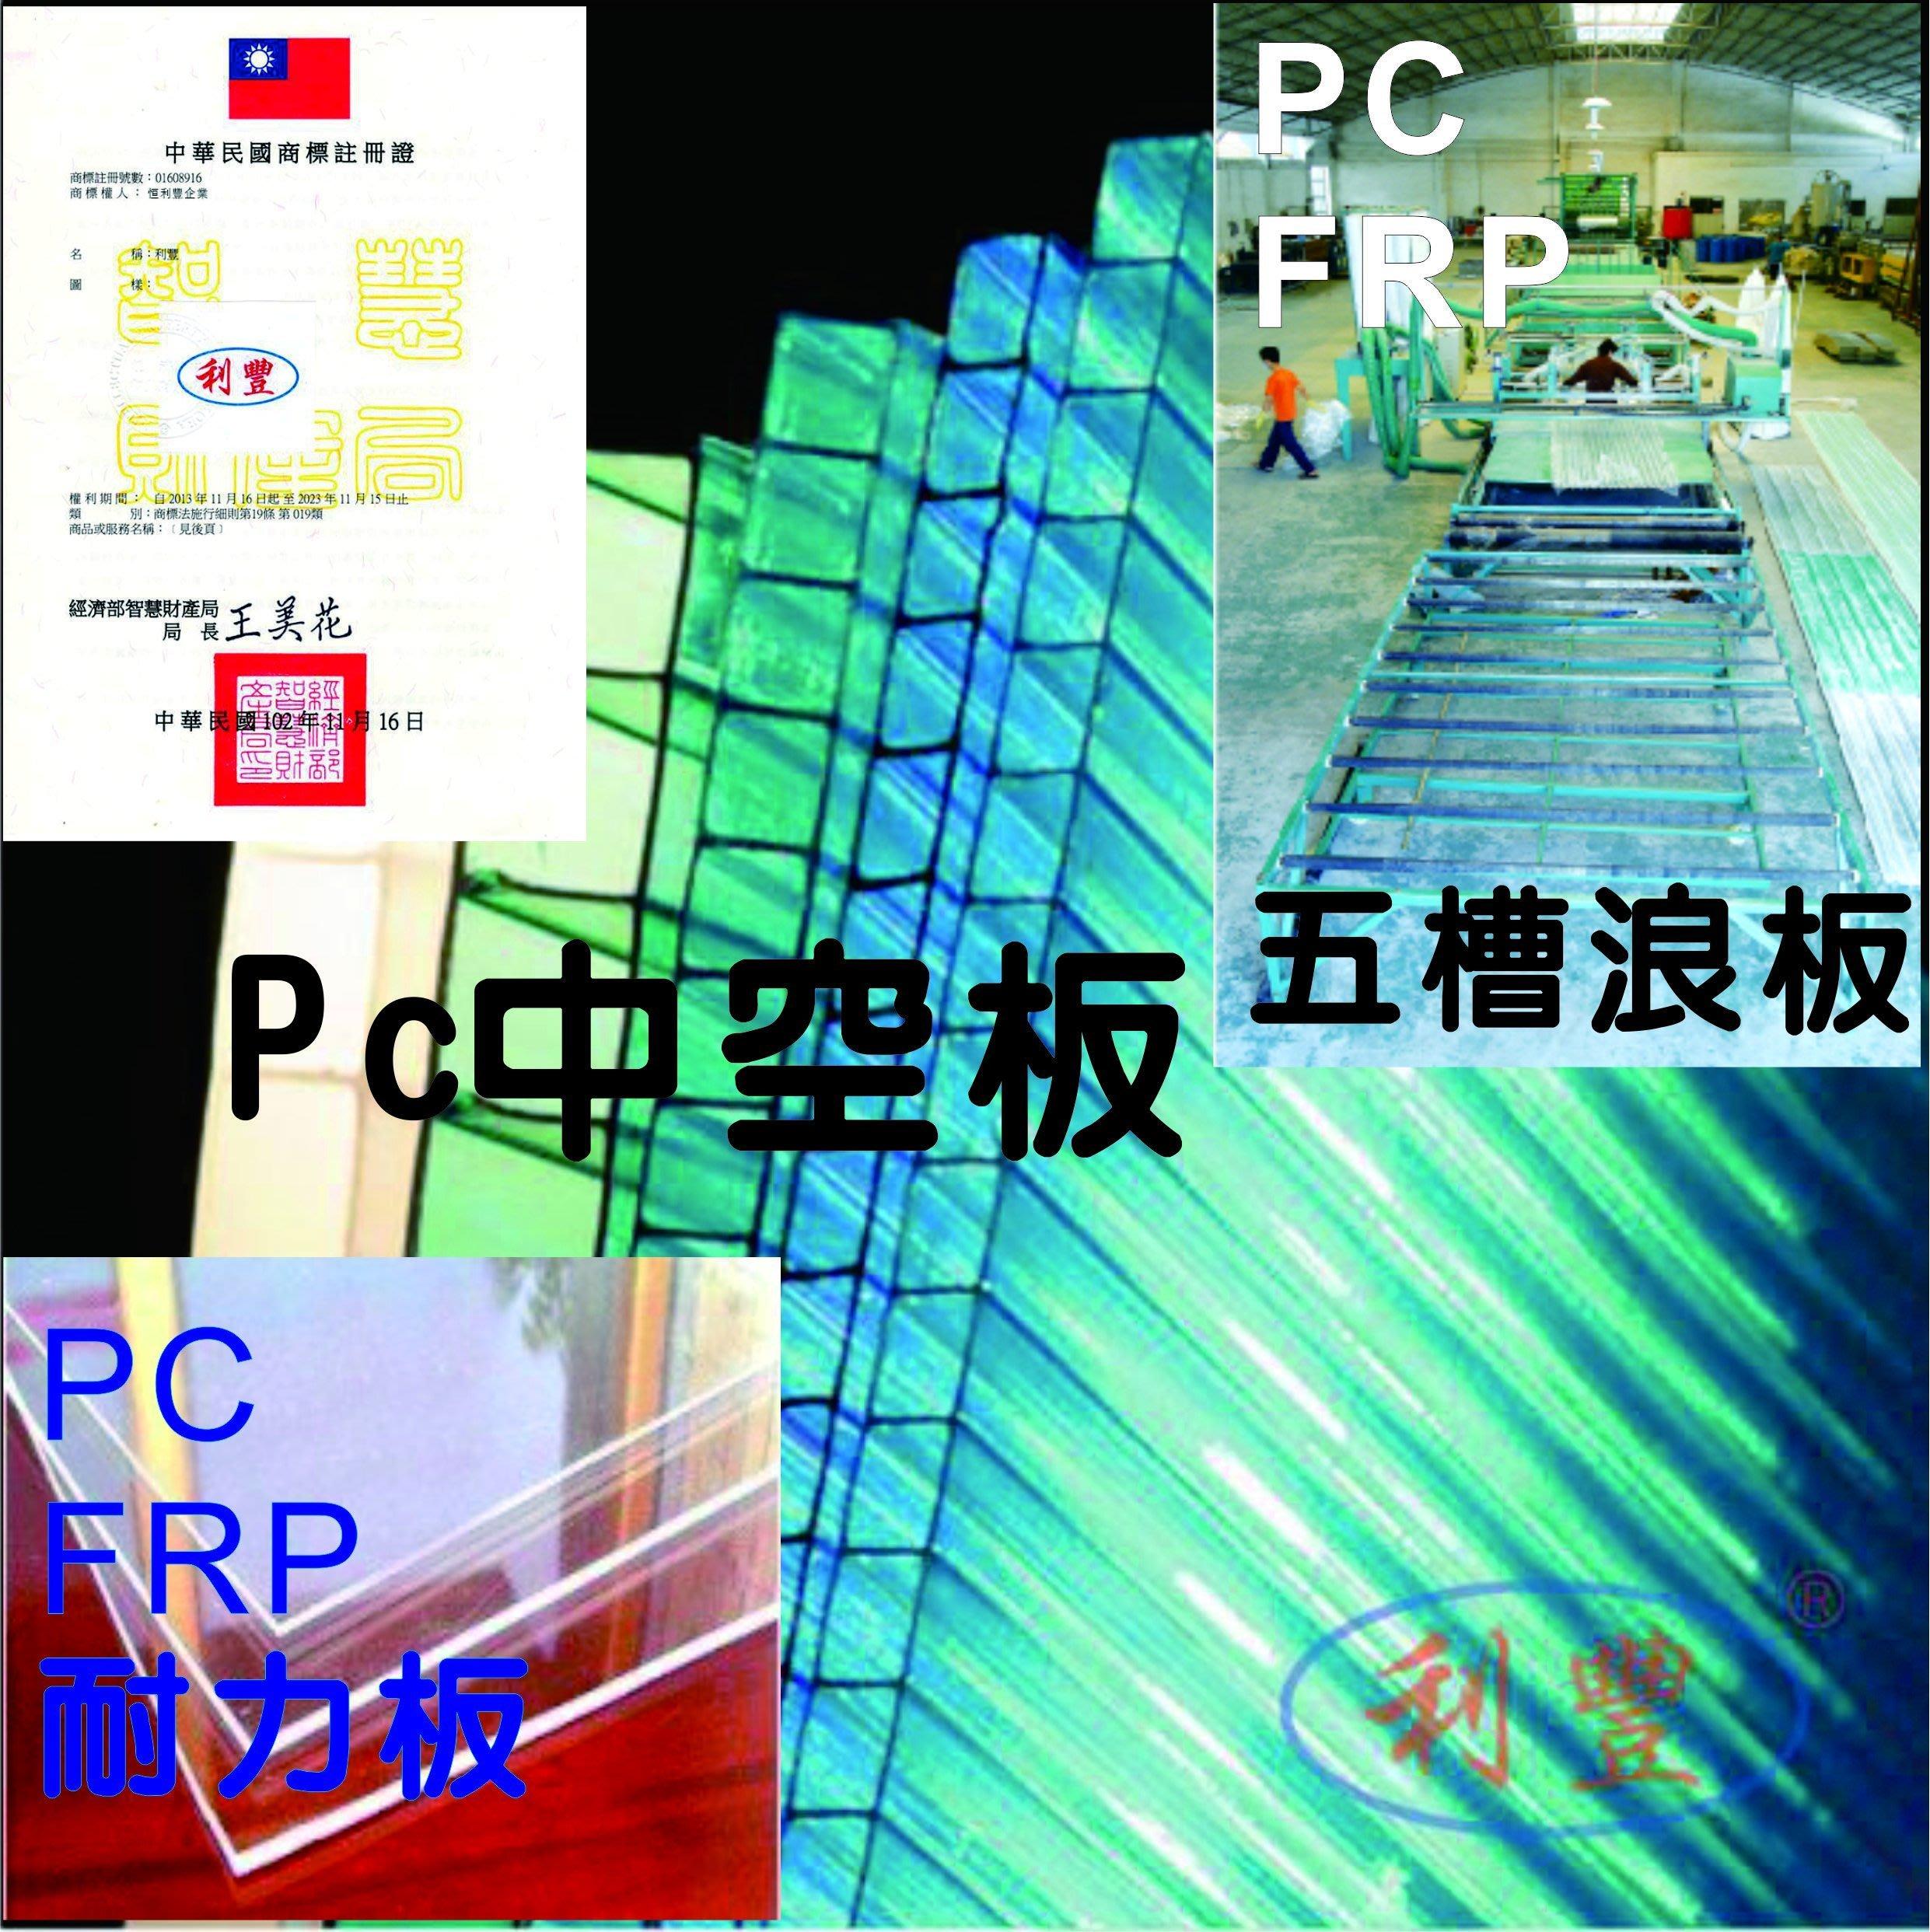 【恒利豐】PC  FRP 耐力板 中空板 五槽角浪板 PC板 廣告看板